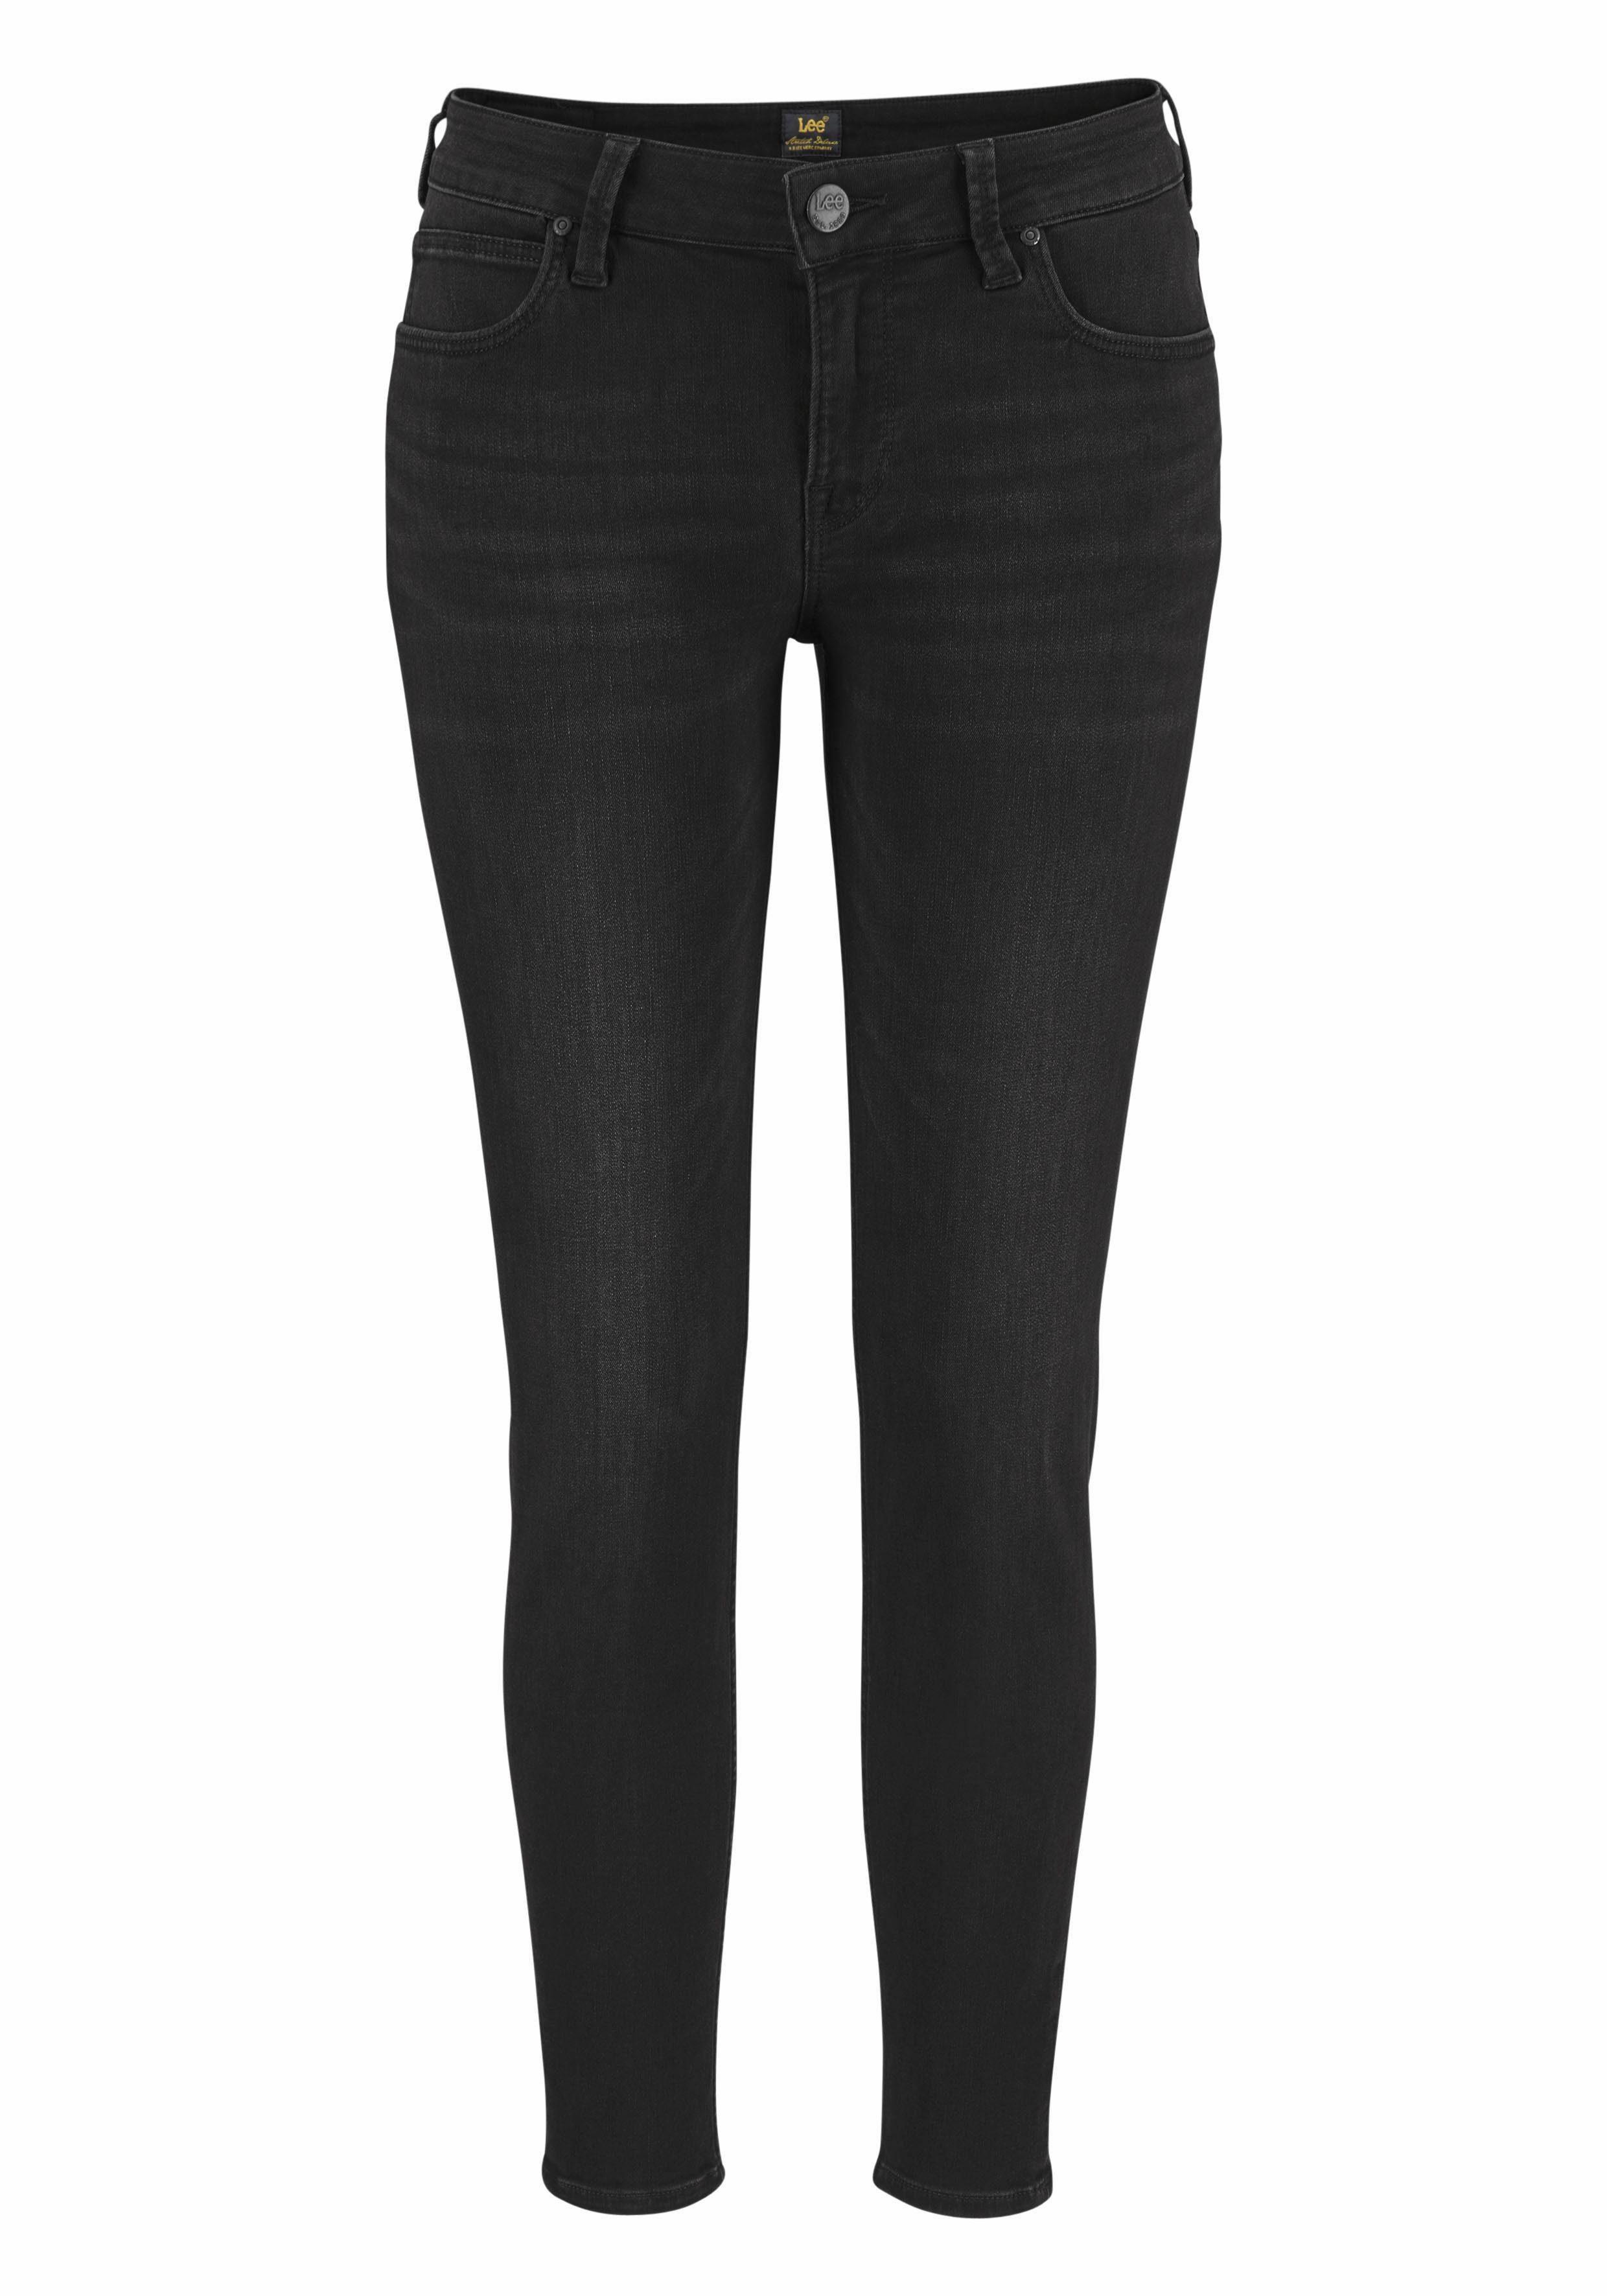 Stretch Powerstretch Cropped« Lee® Fit jeans Skinny »scarlett dxqxg0Yv